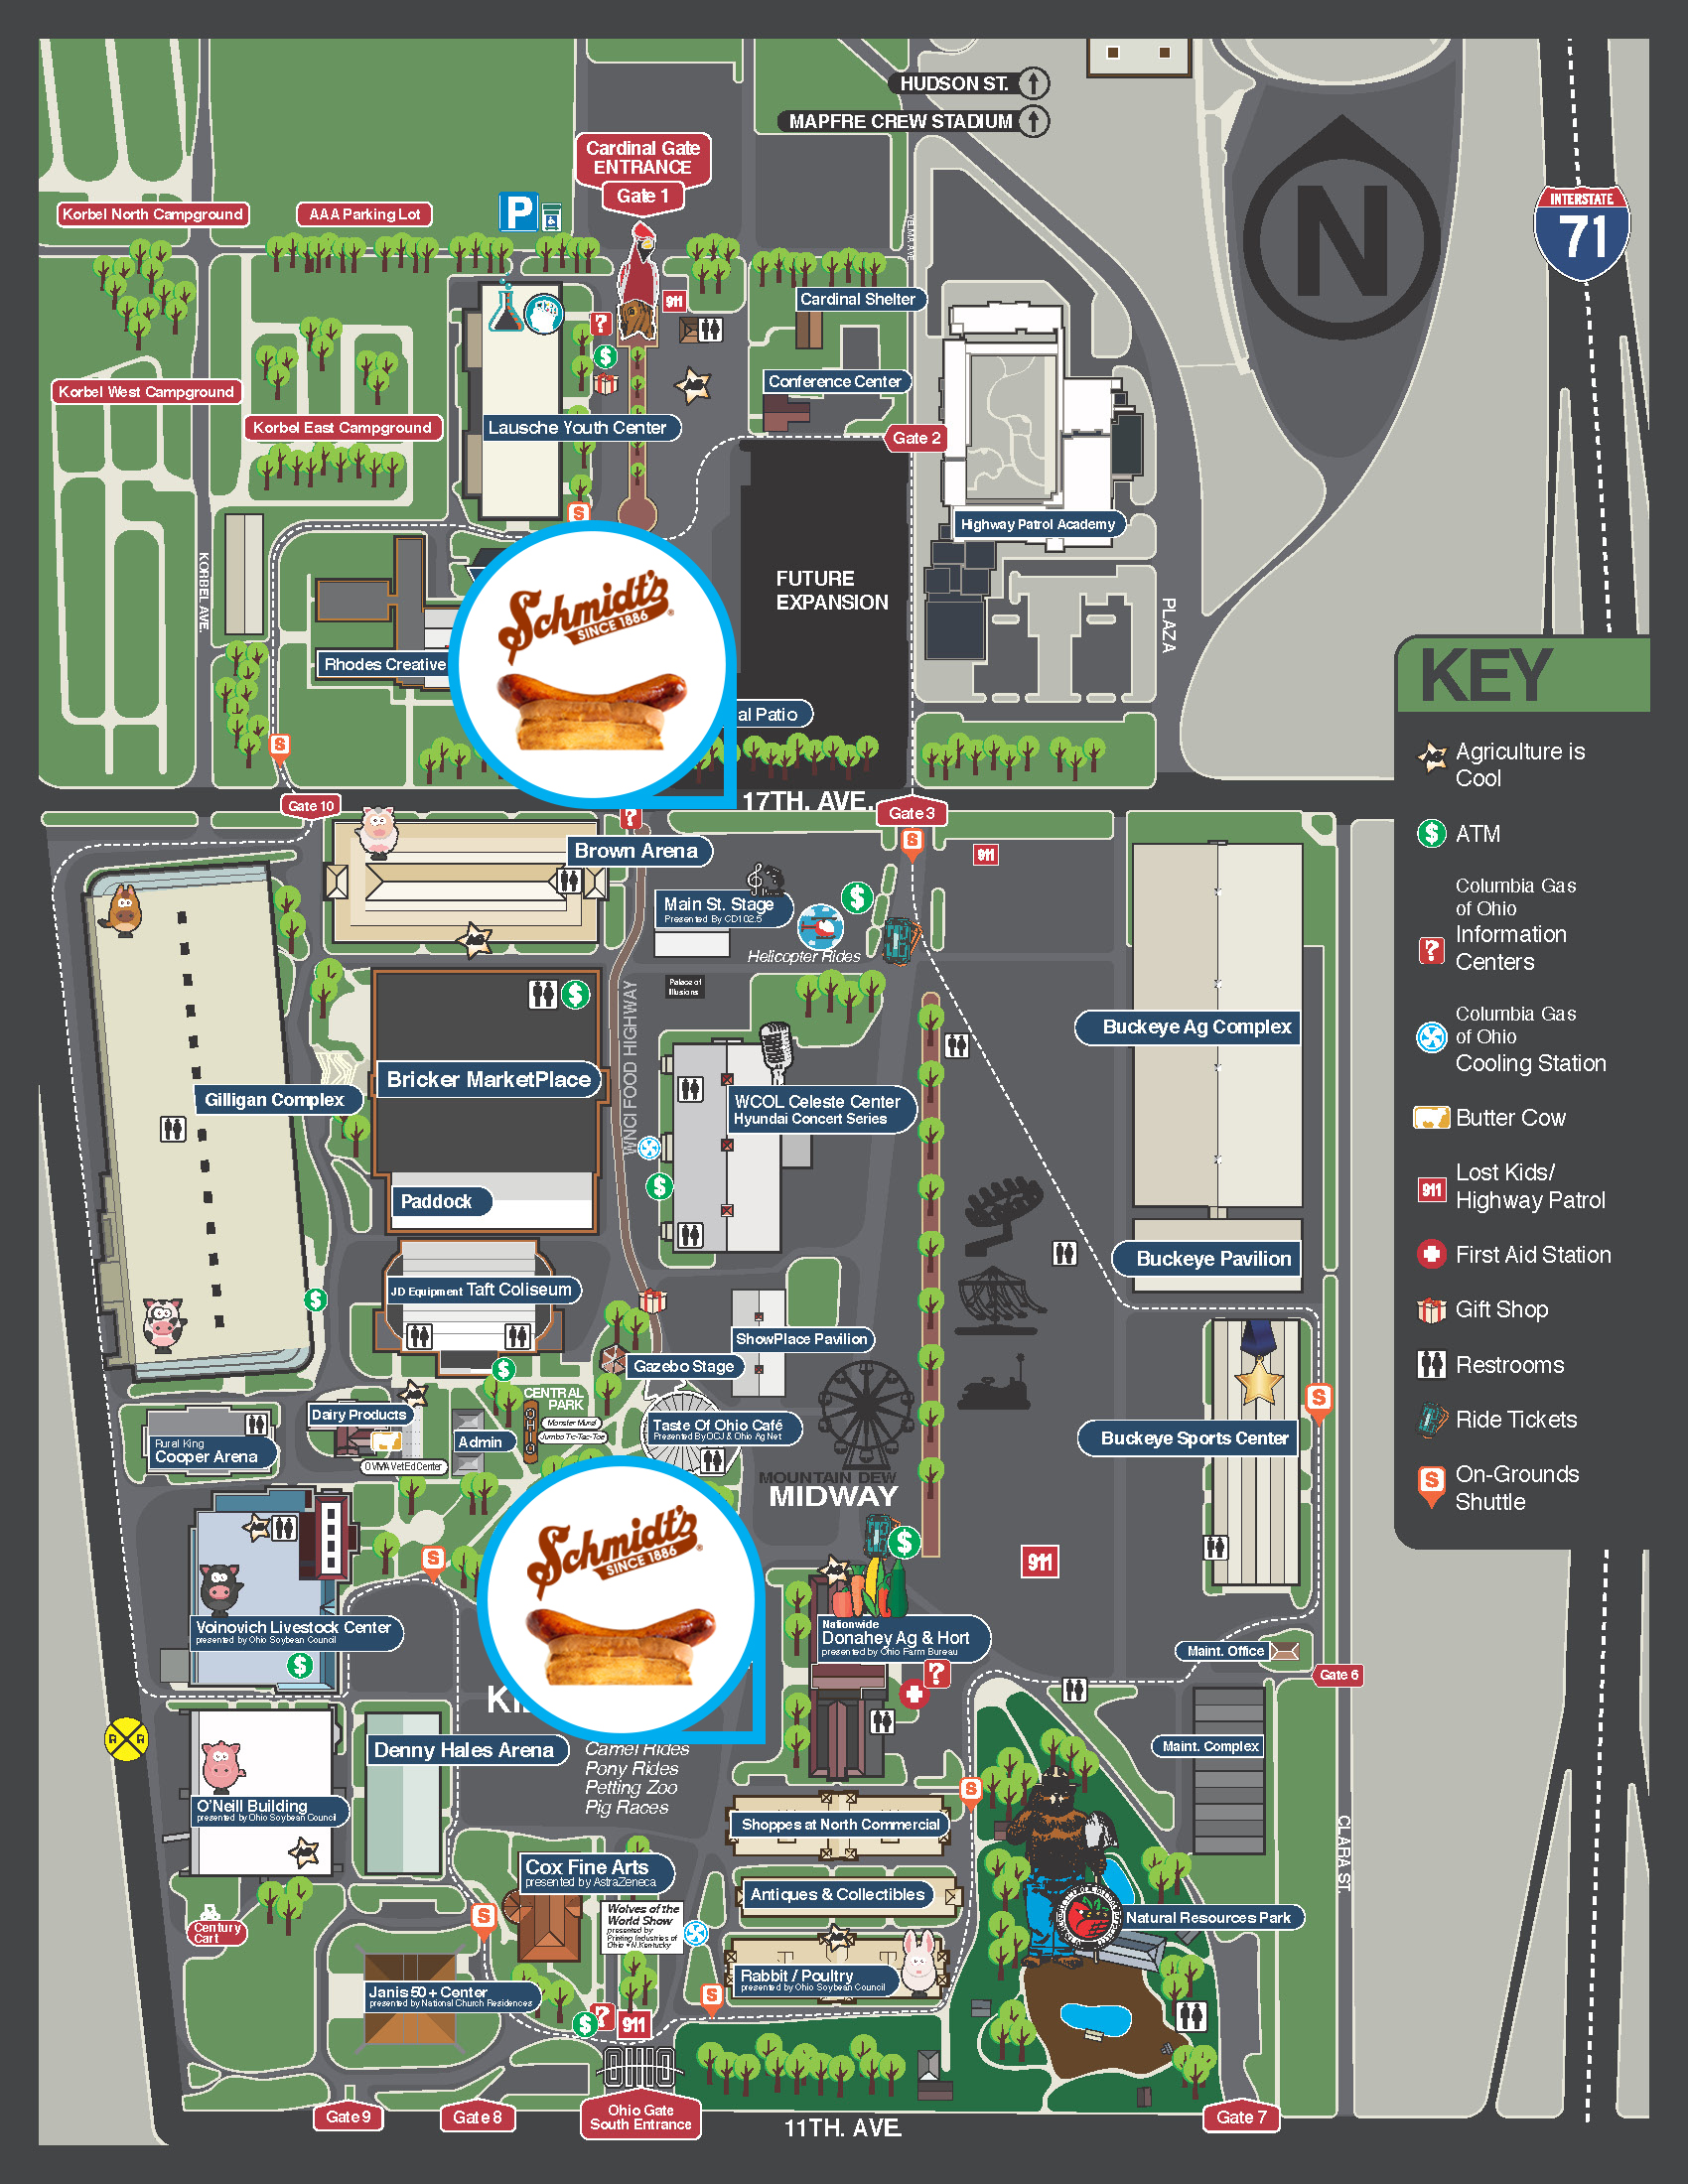 Ohio State Fair Map 2015 Ohio State Fair – Schmidt's Locations | Schmidt's Ohio State Fair Map